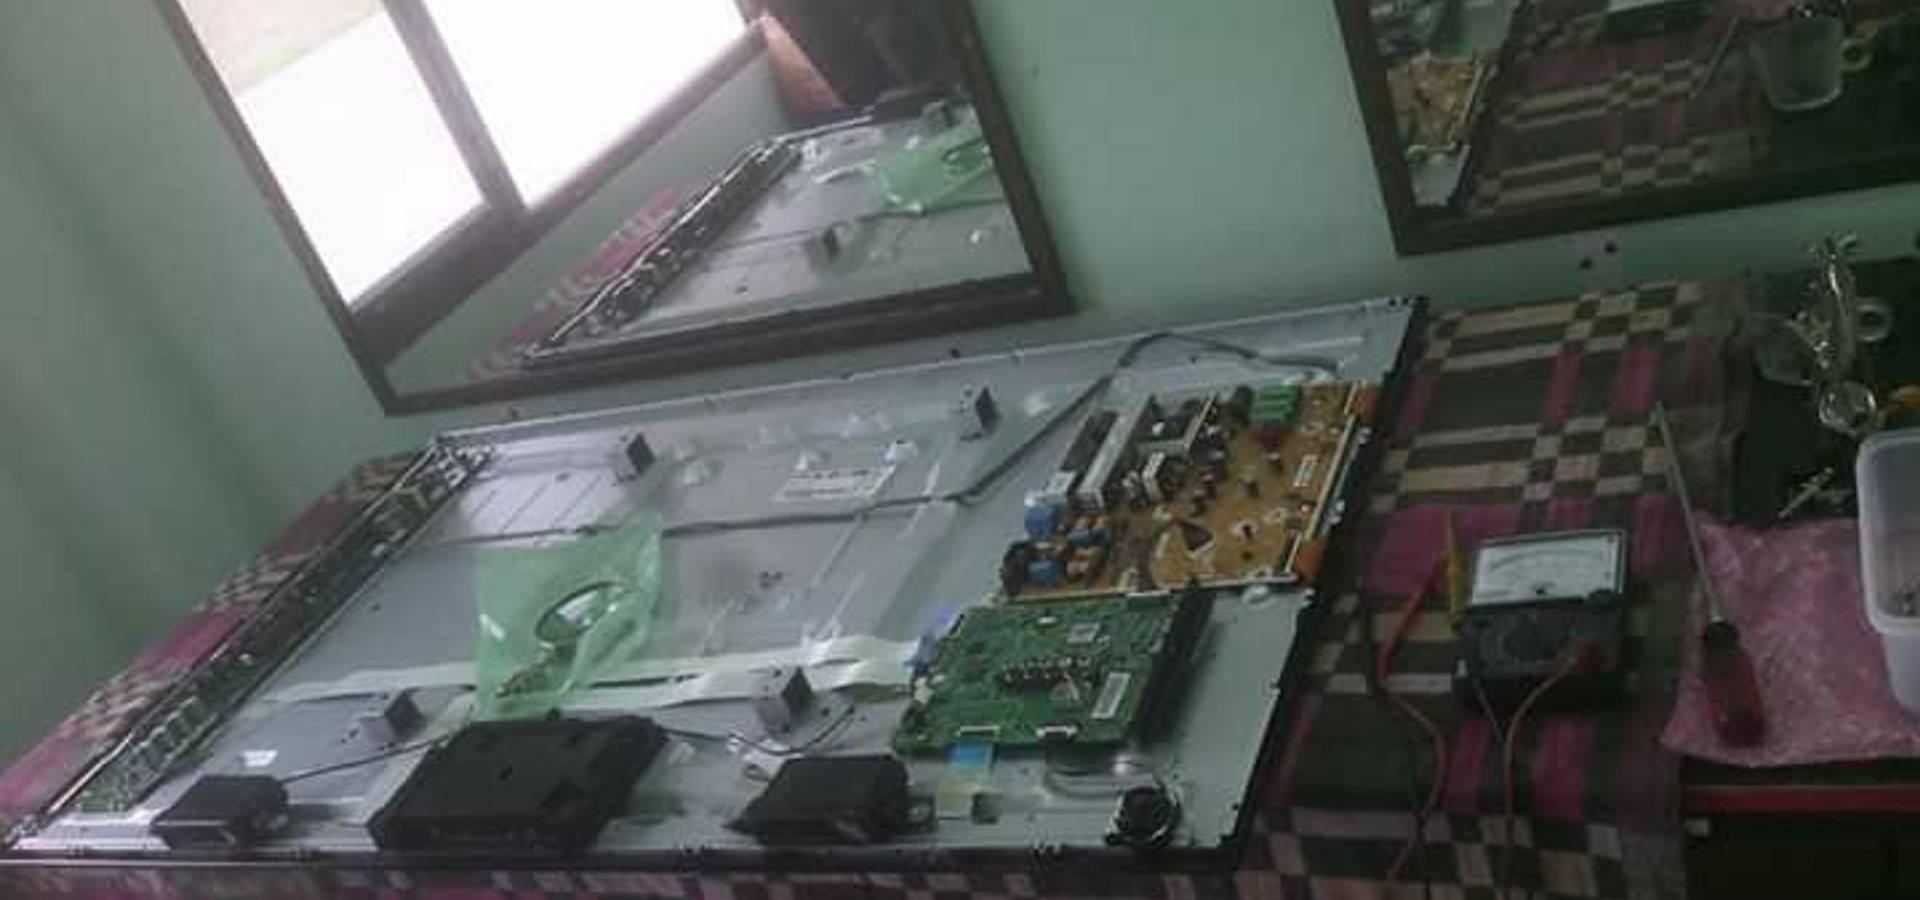 รับซ่อมเคื่องใช้ไฟฟ้า แอร์บ้าน เครื่องทำความเย็น โดยช่างมนูญ